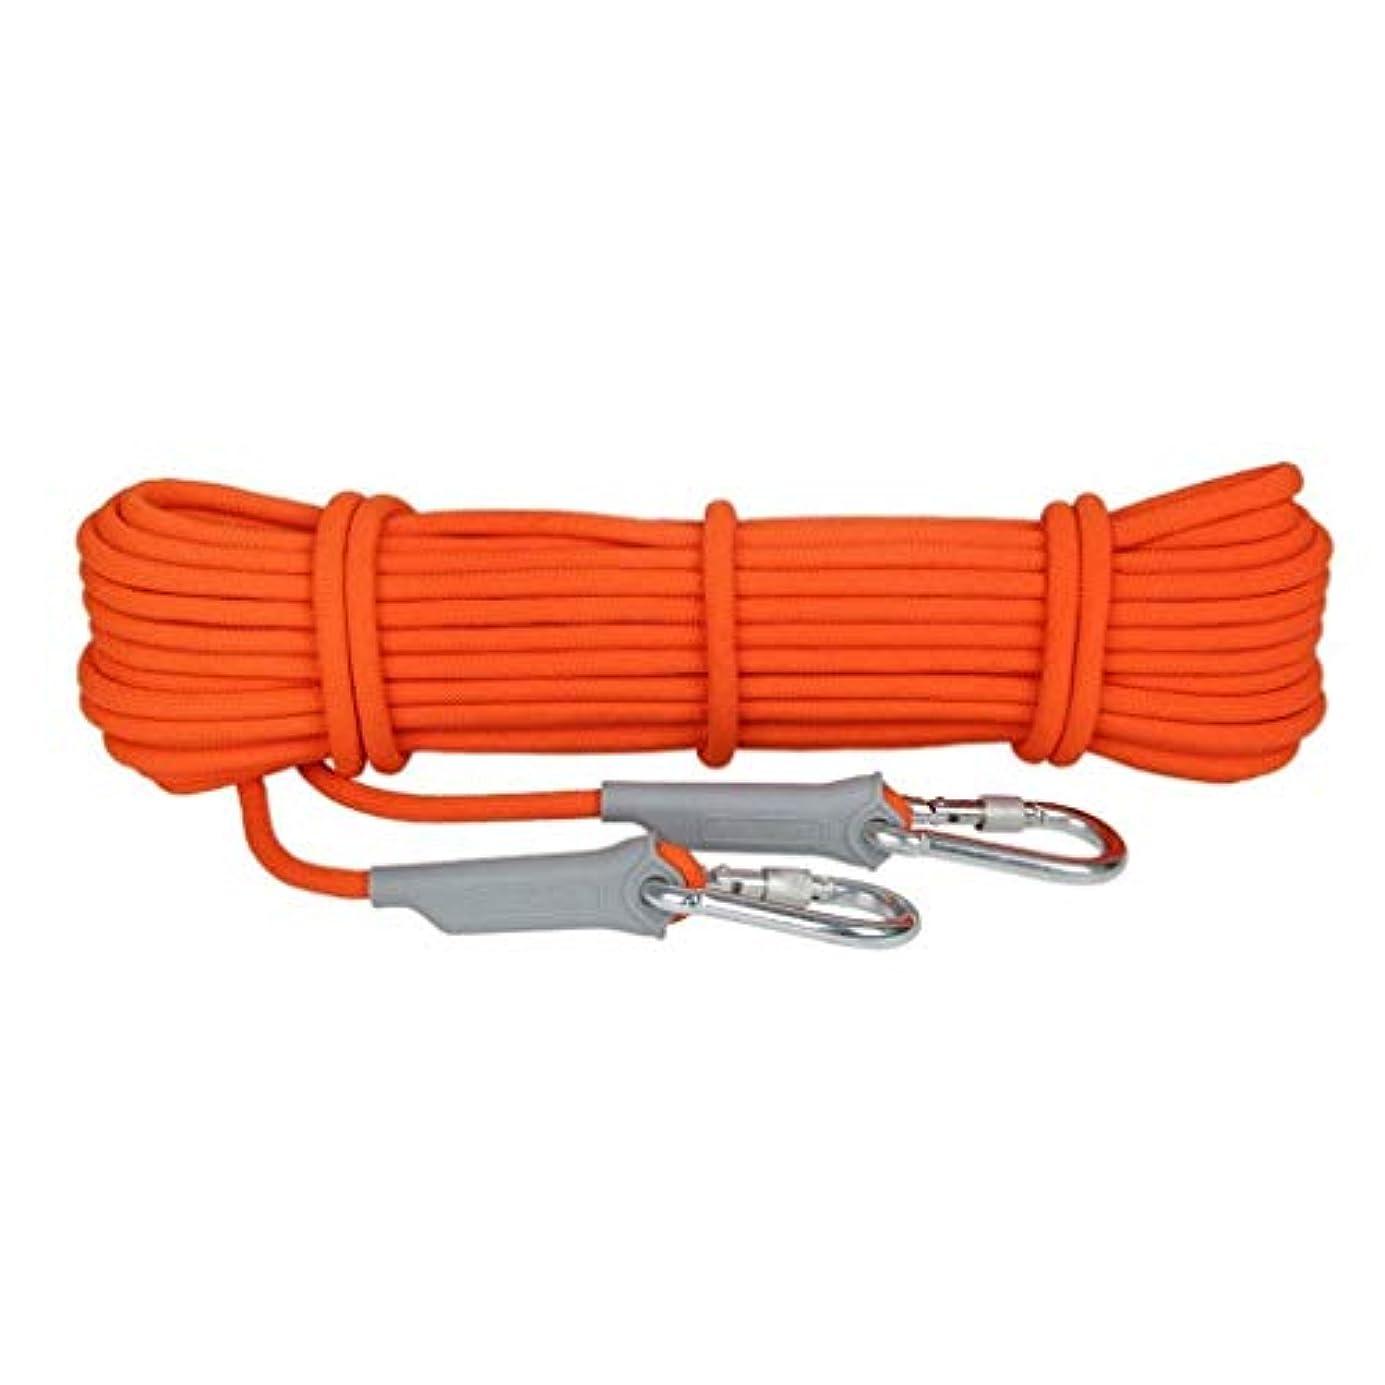 部分的に冷蔵庫オープニング登山ロープの家の火の緊急脱出ロープ、ハイキングの洞窟探検のキャンプの救助調査および工学保護のための多機能のコードの安全ロープ。 (Color : 8.5mm, Size : 15m)